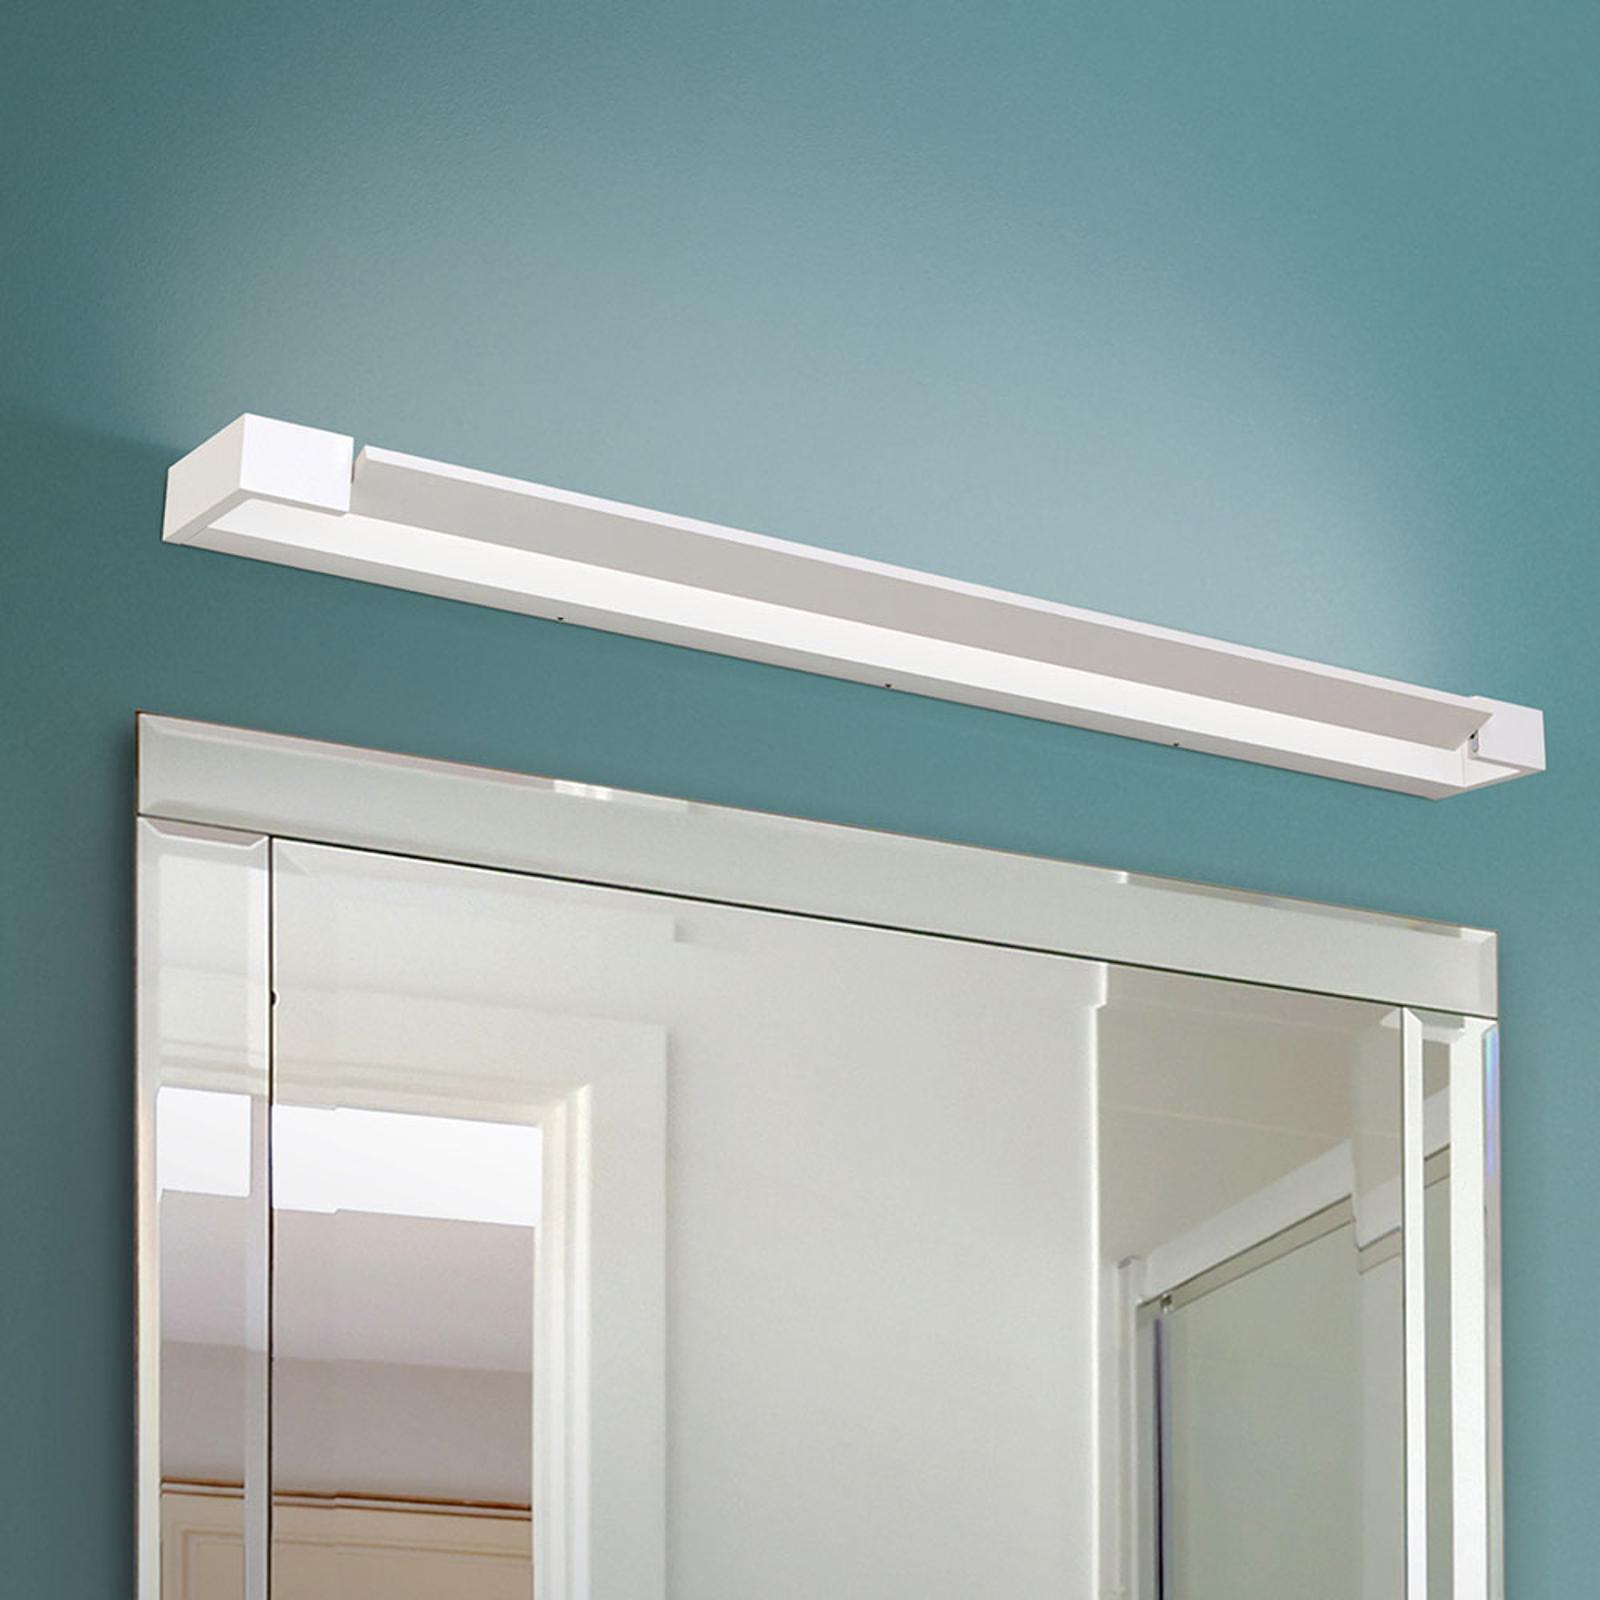 LED-peililamppu Marilyn, käännettävä 90 cm